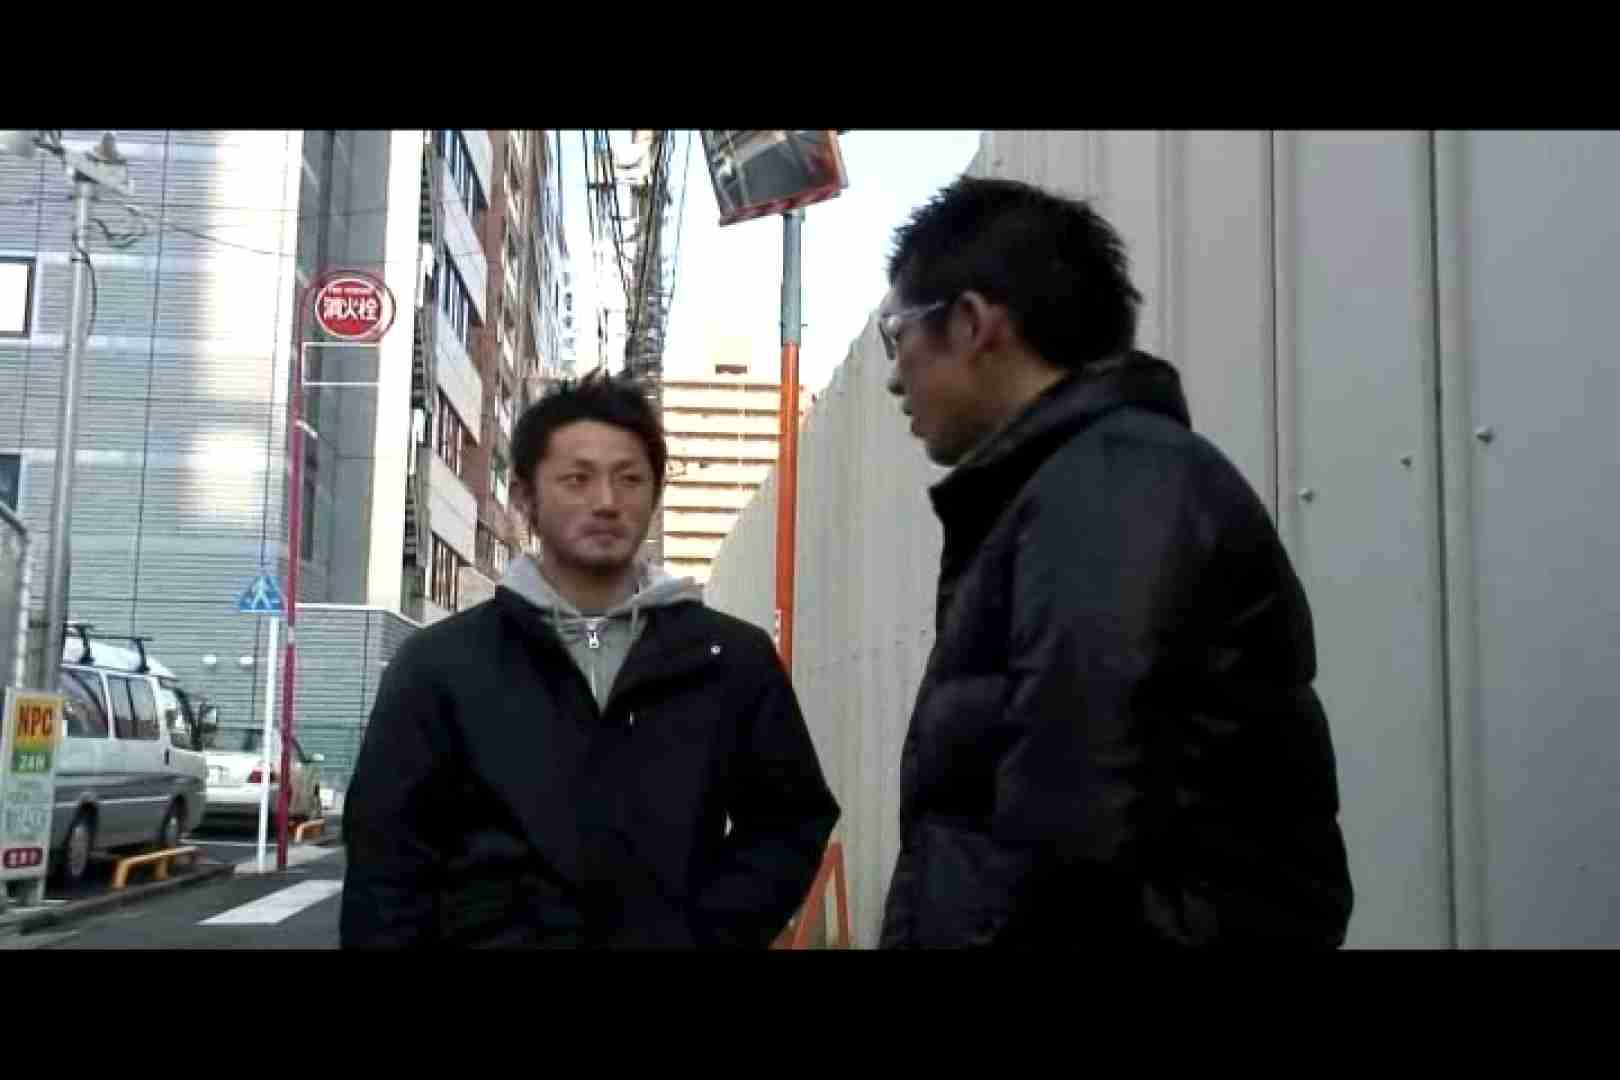 Bistro「イケメン」~Mokkori和風仕立て~vol.01 アナル舐め | フェラ天国 ゲイ肛門画像 111pic 1